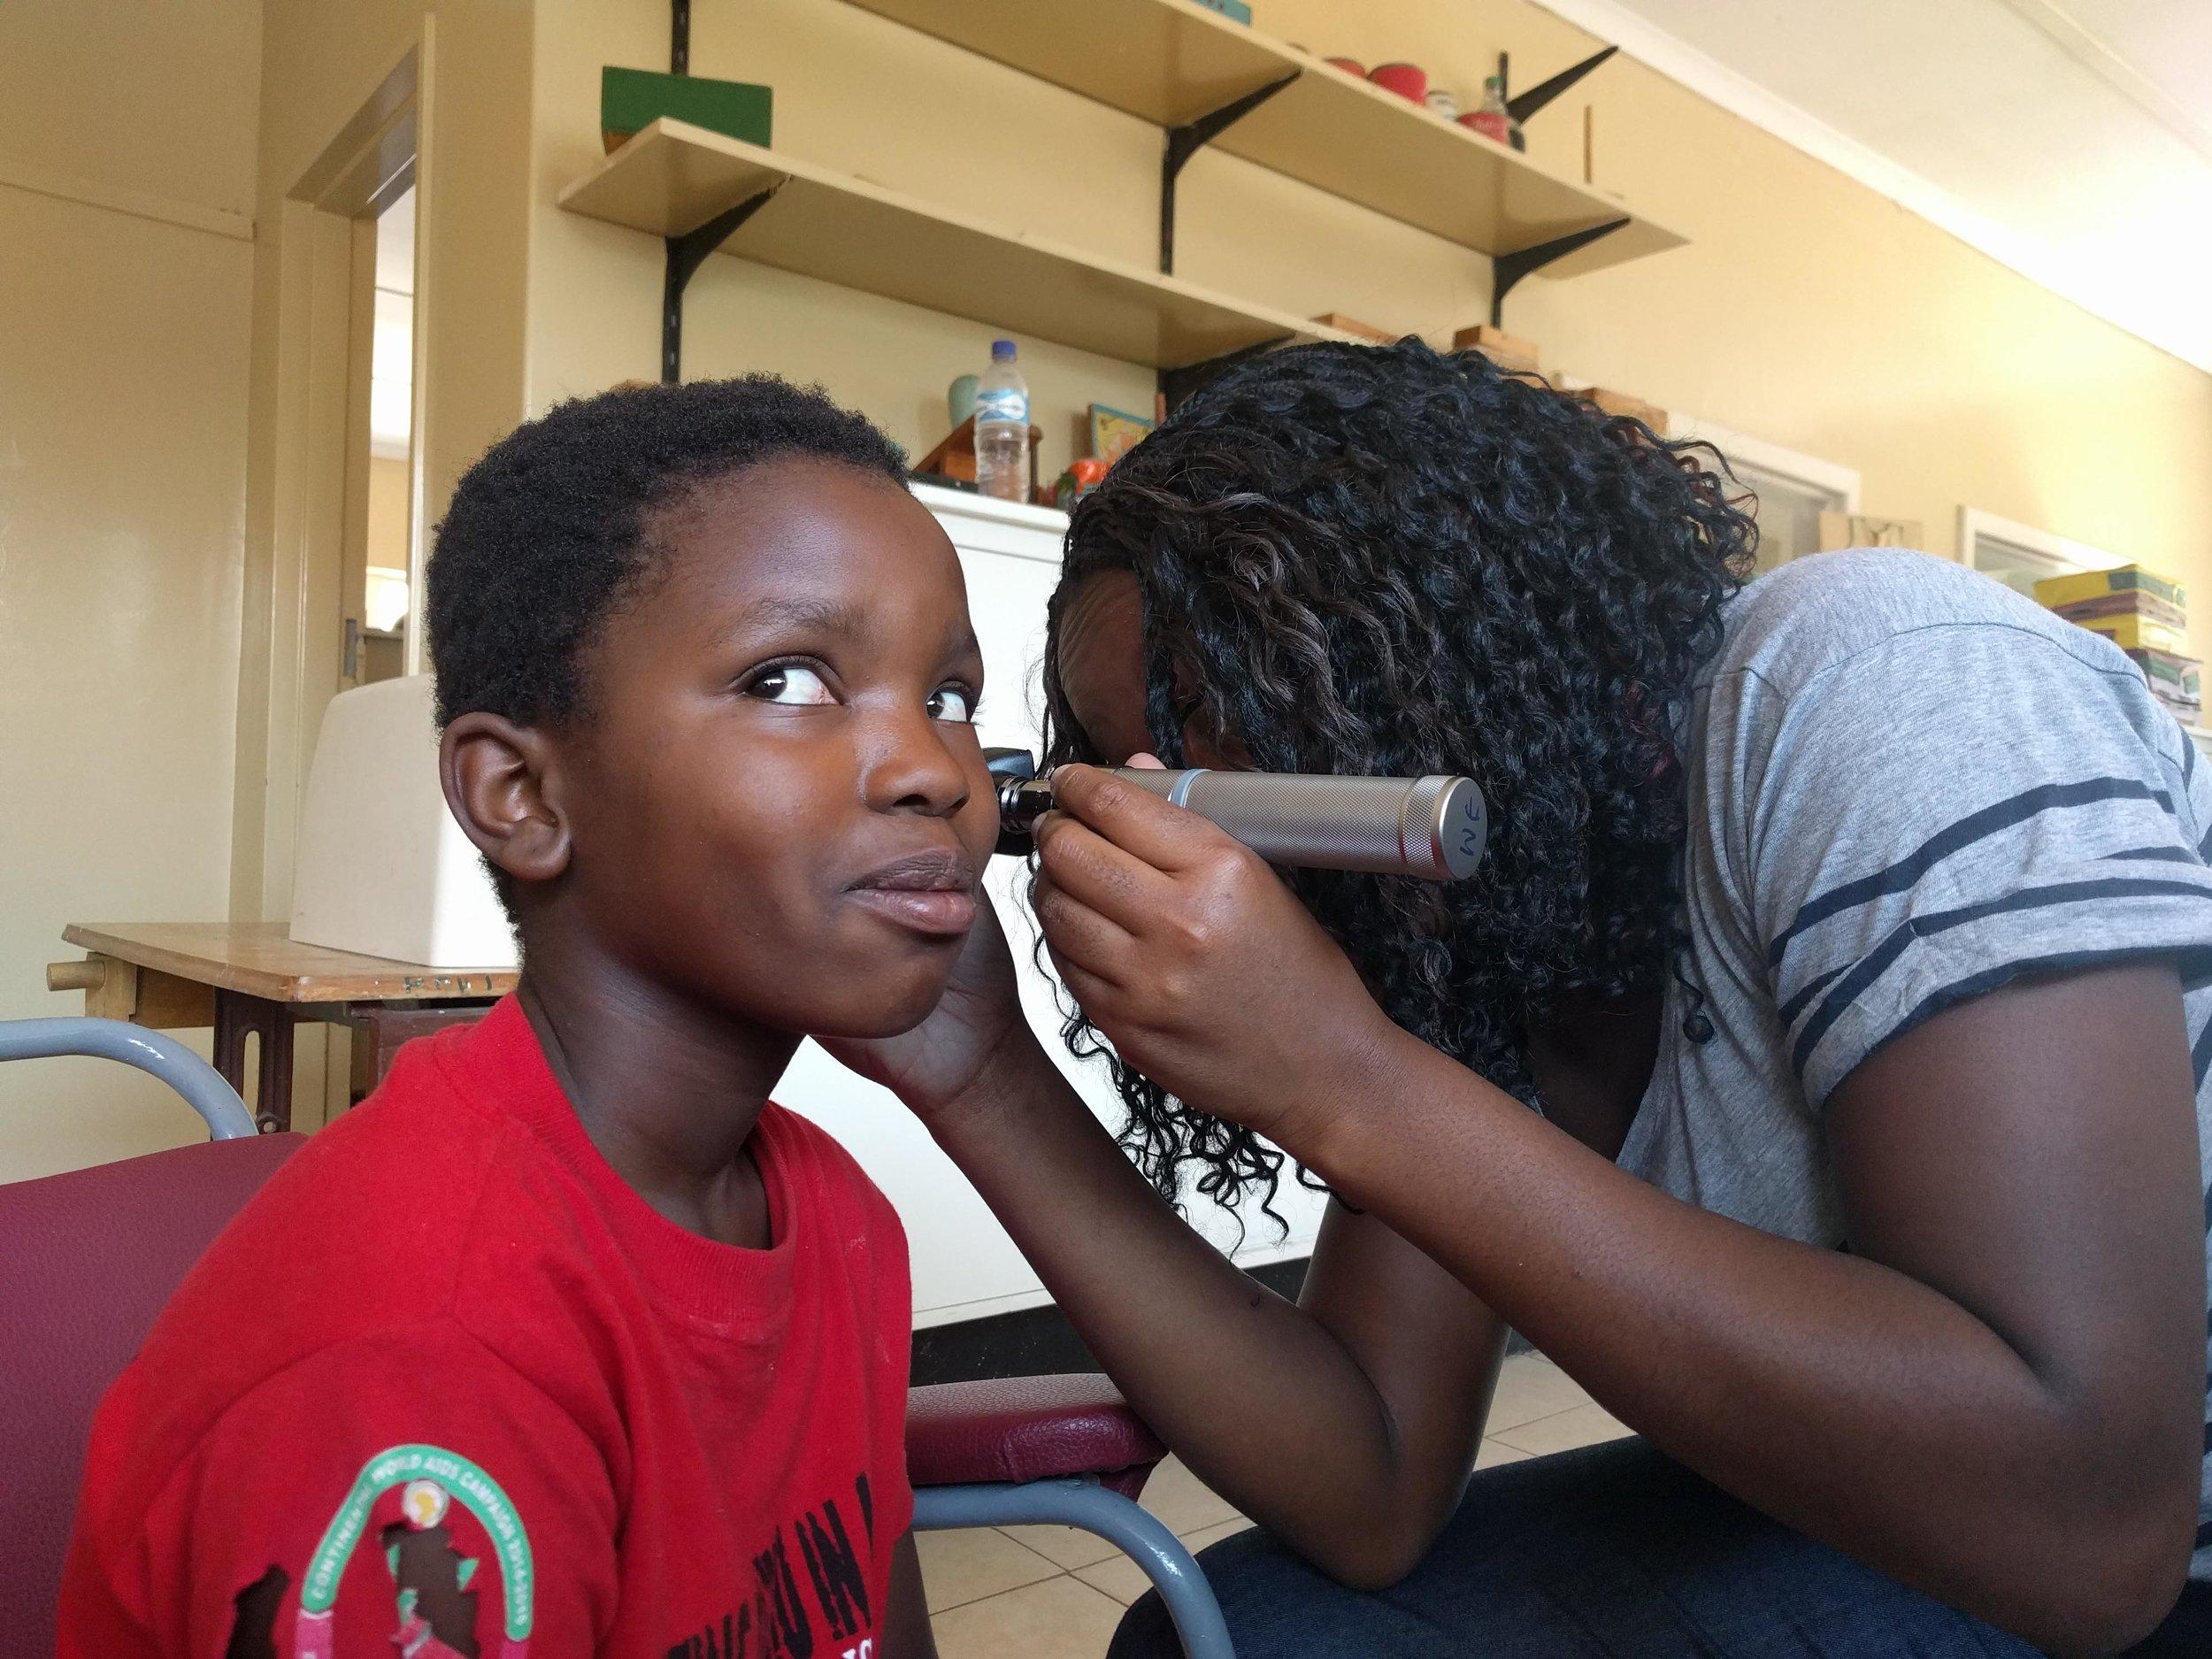 Entrega  Capacitamos a mujeres locales para proporcionarle la distribución de audífonos en su país.